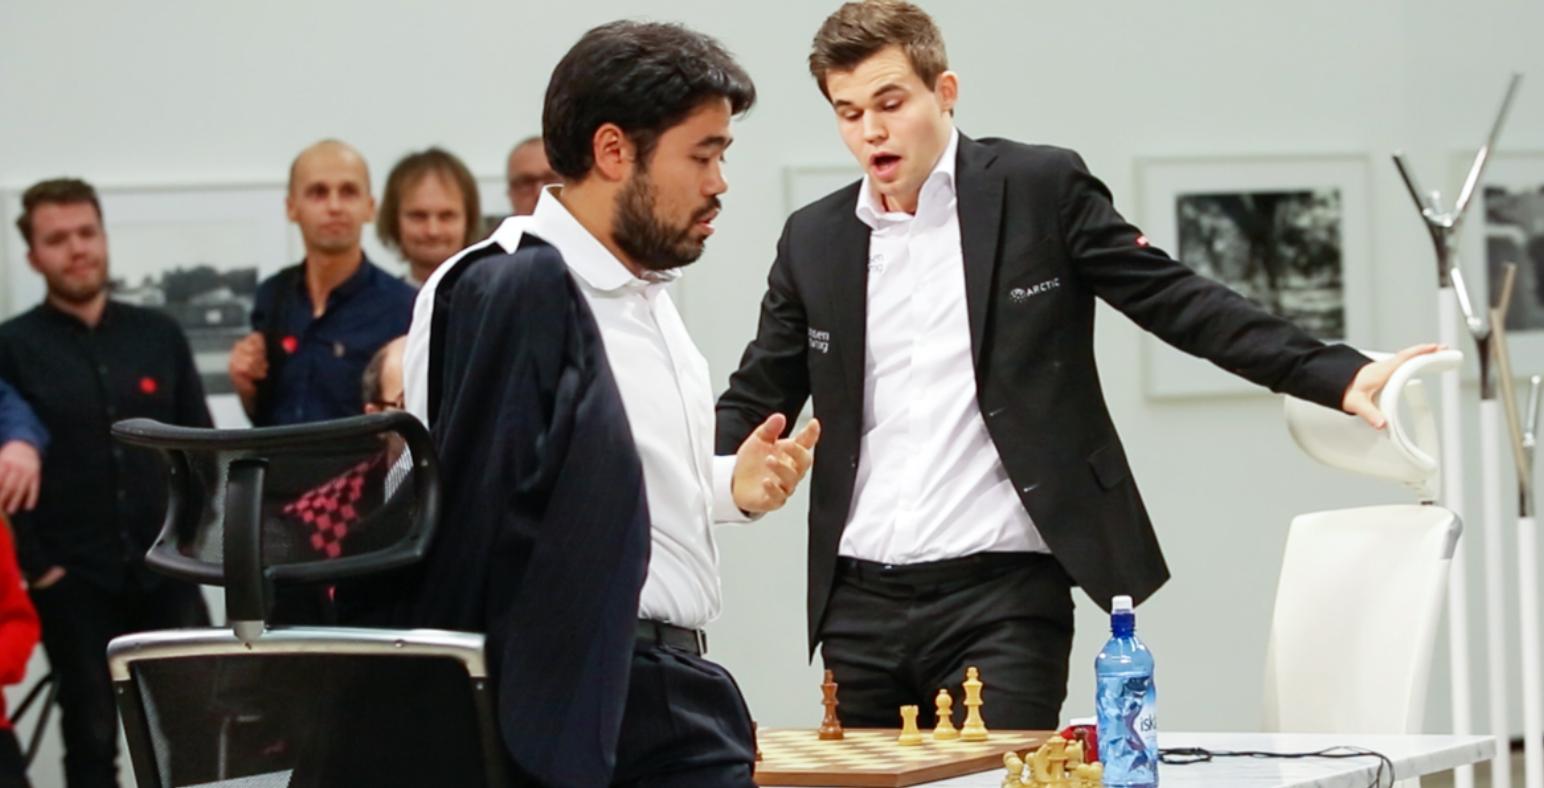 Carlsen Sikret Seg Enda En Tittel Nakamura Knust Vg